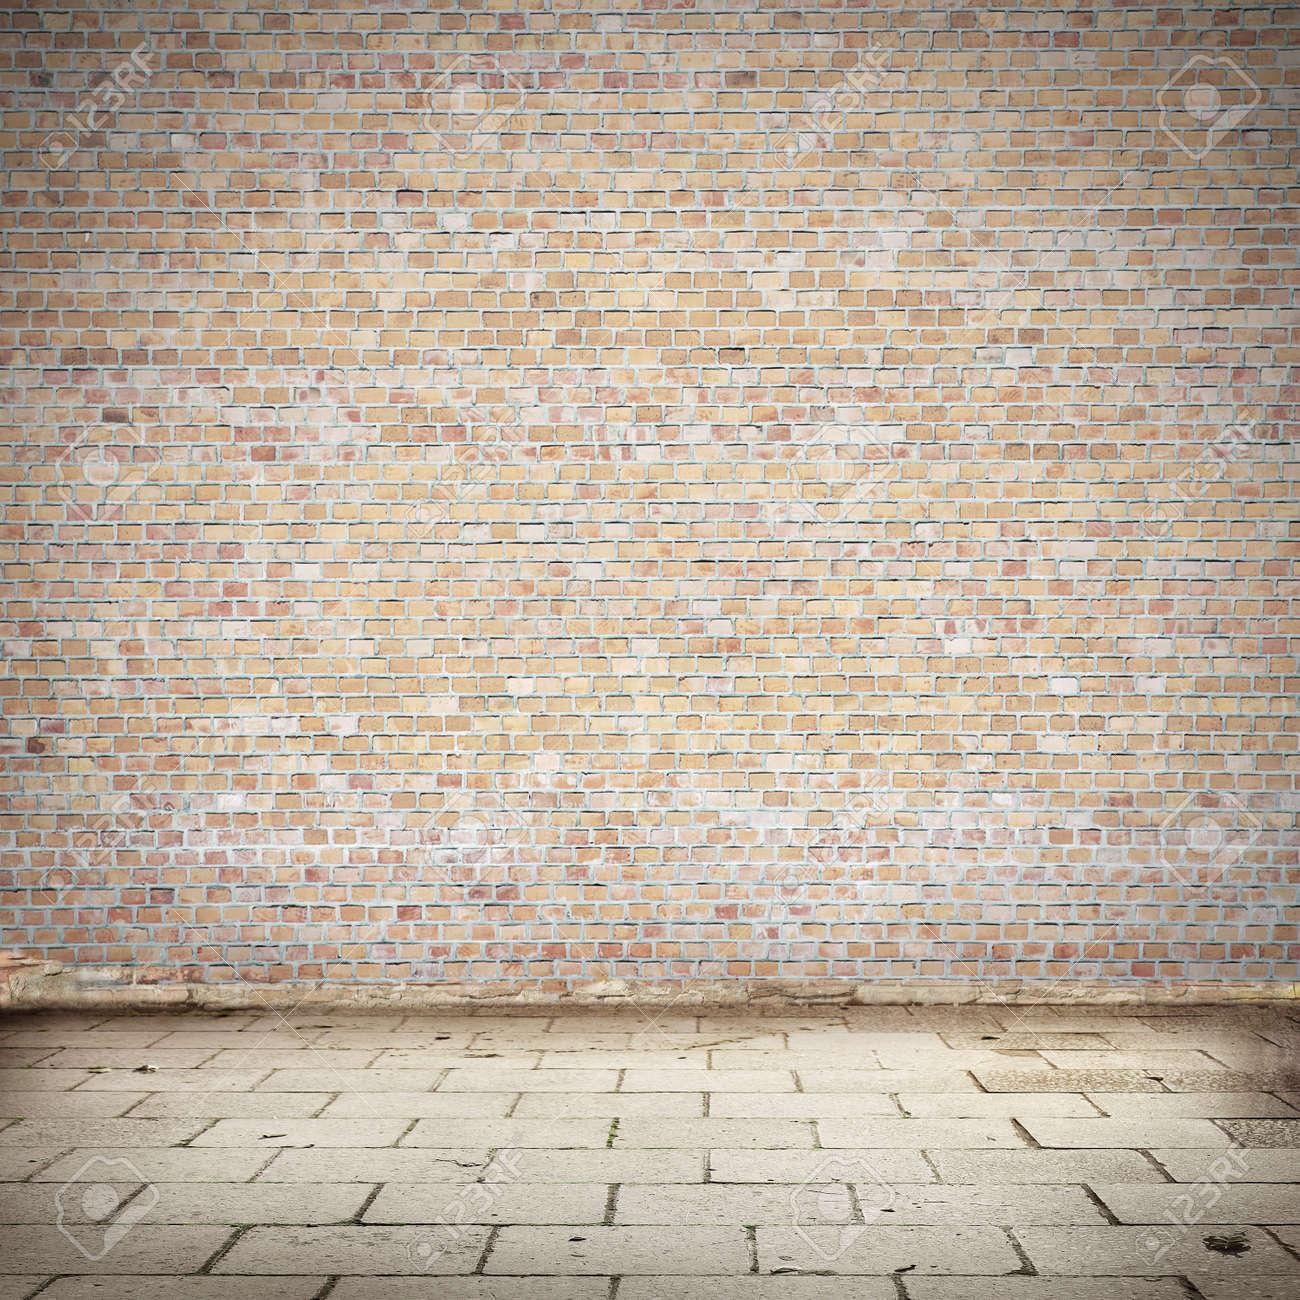 banque dimages pavement texture mur de briques et des blocs de route abandonn milieu urbain extrieur pour votre concept ou dun projet